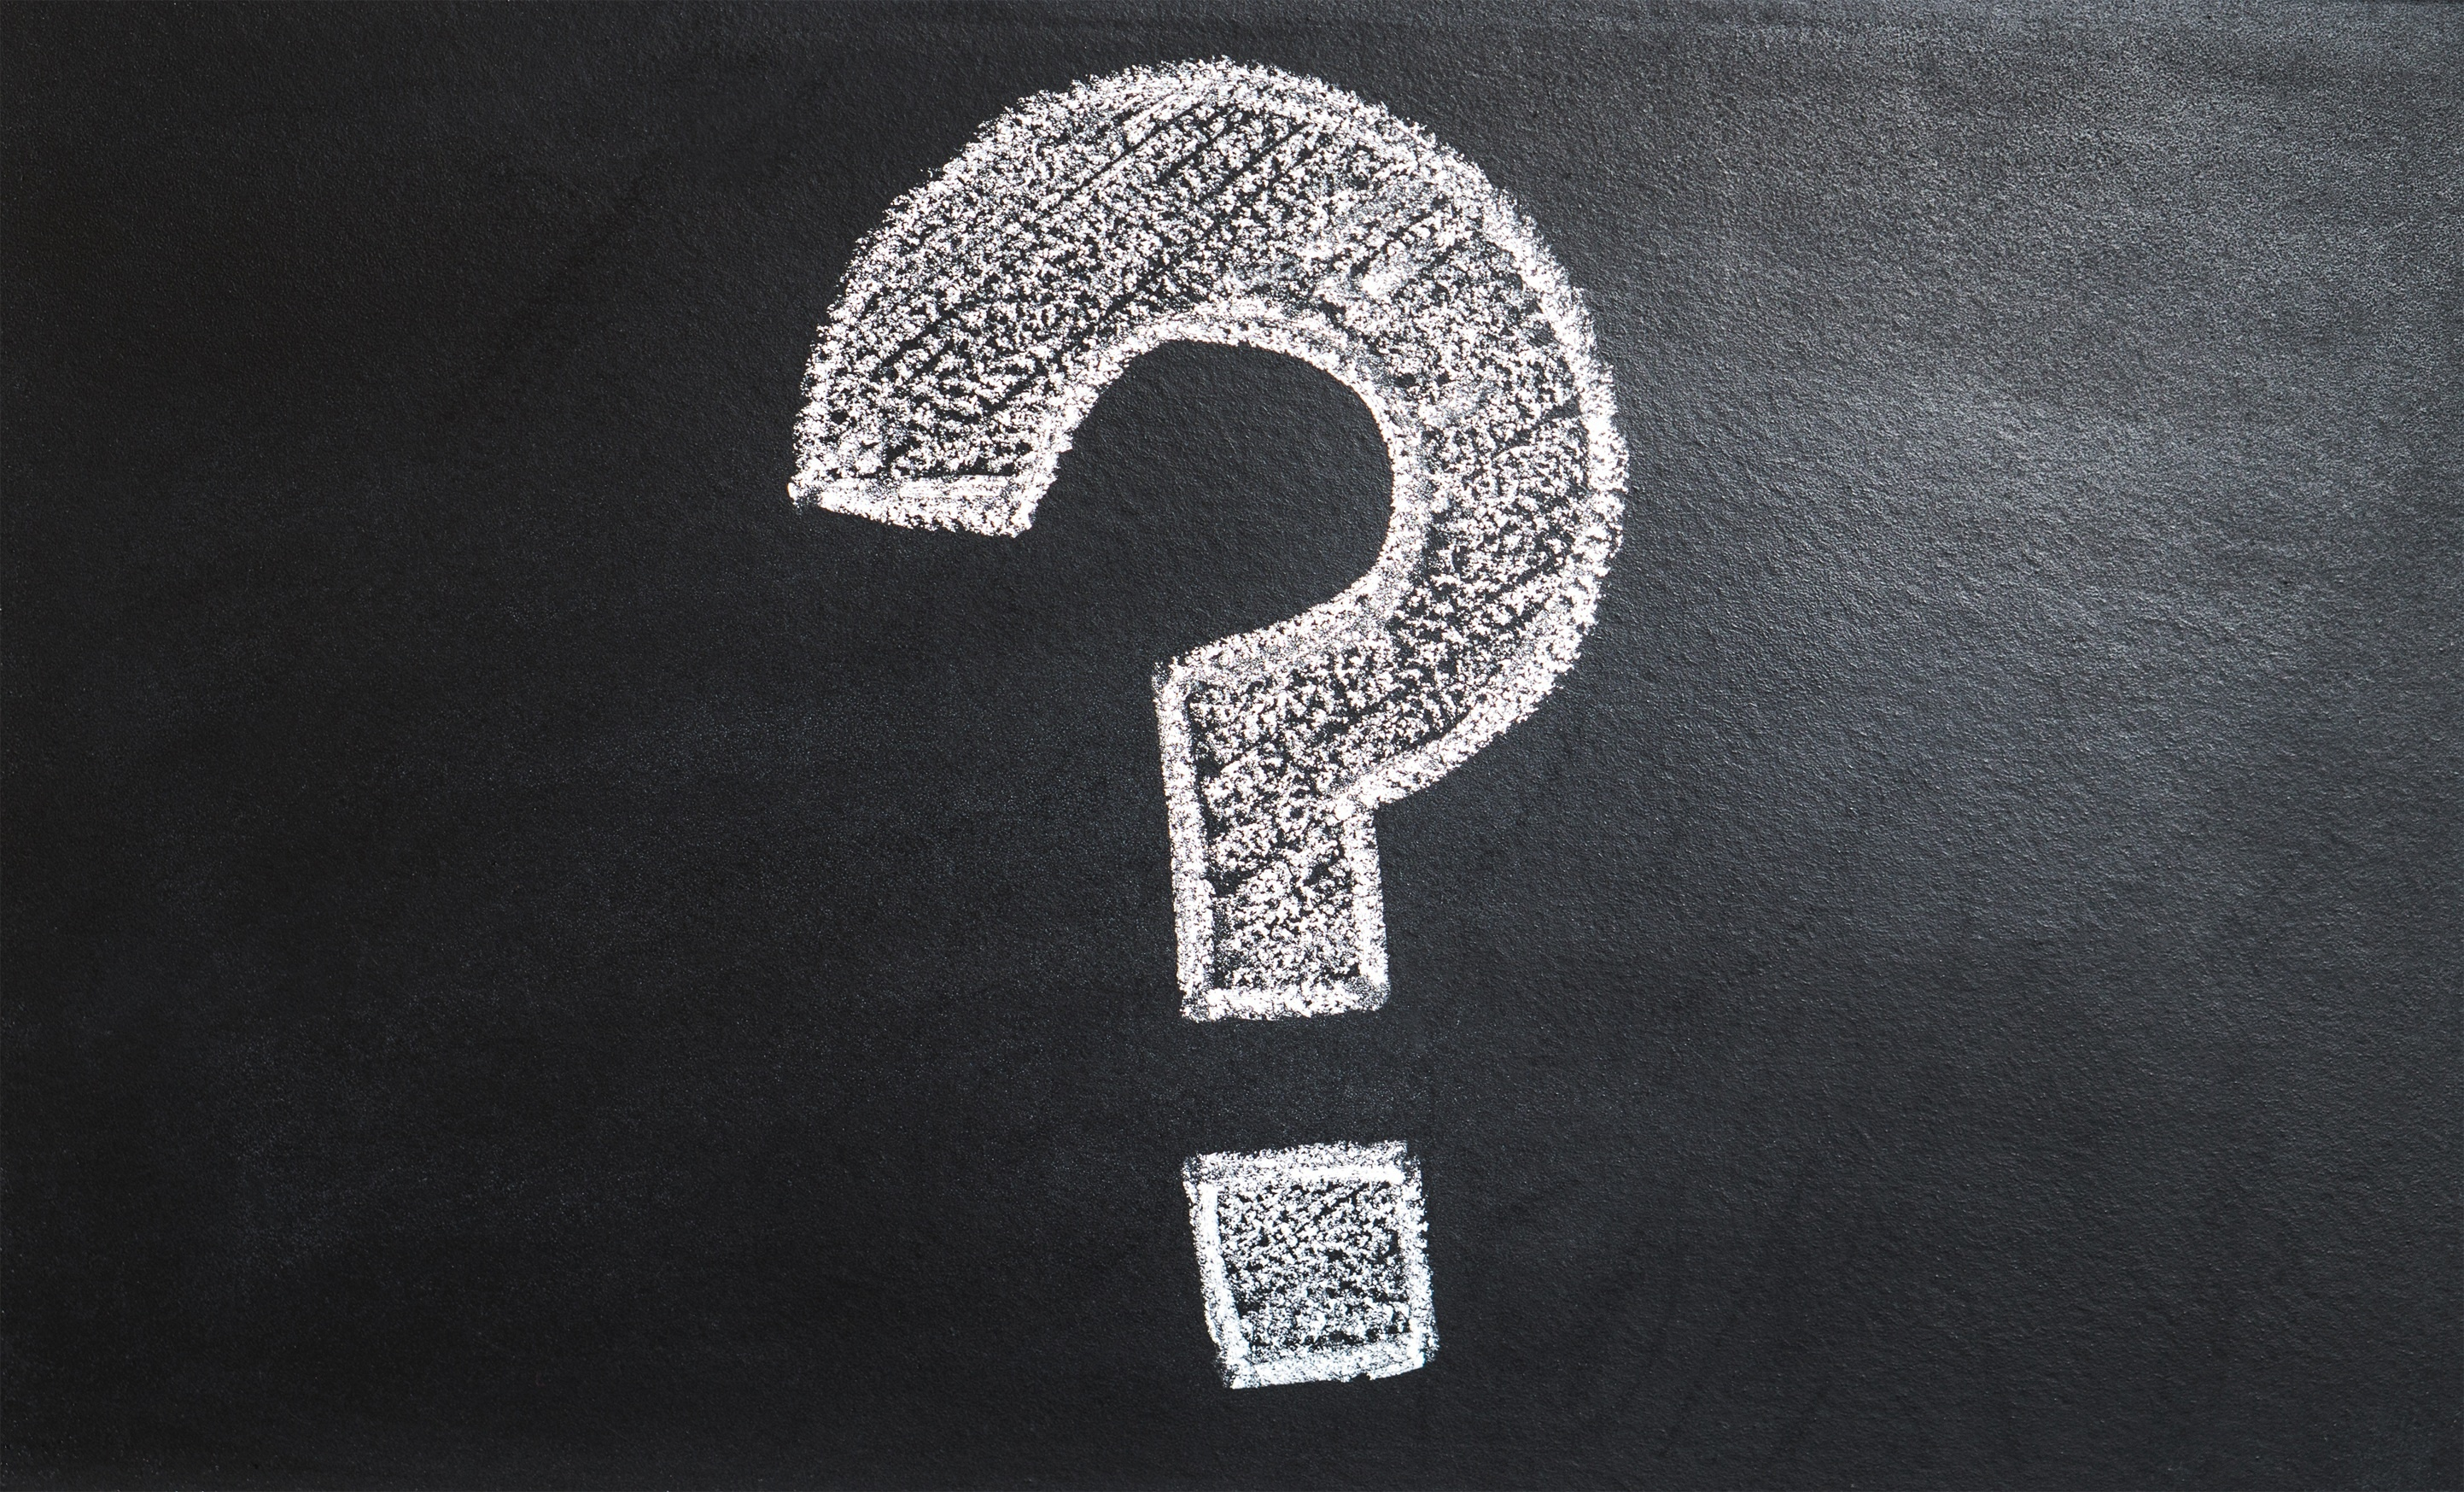 [001 C PMI] Ristorazione - Le risposte agli 8 problemi.jpeg